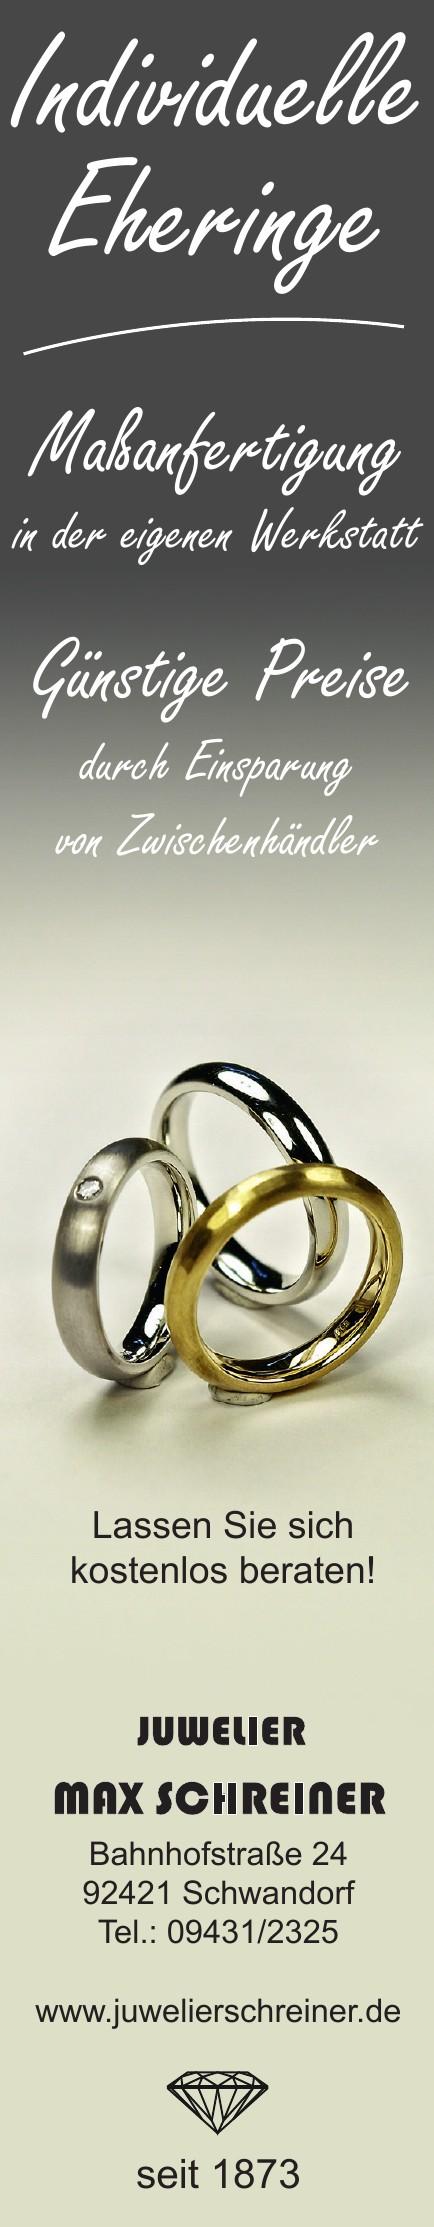 Juwelier Max Schreiner